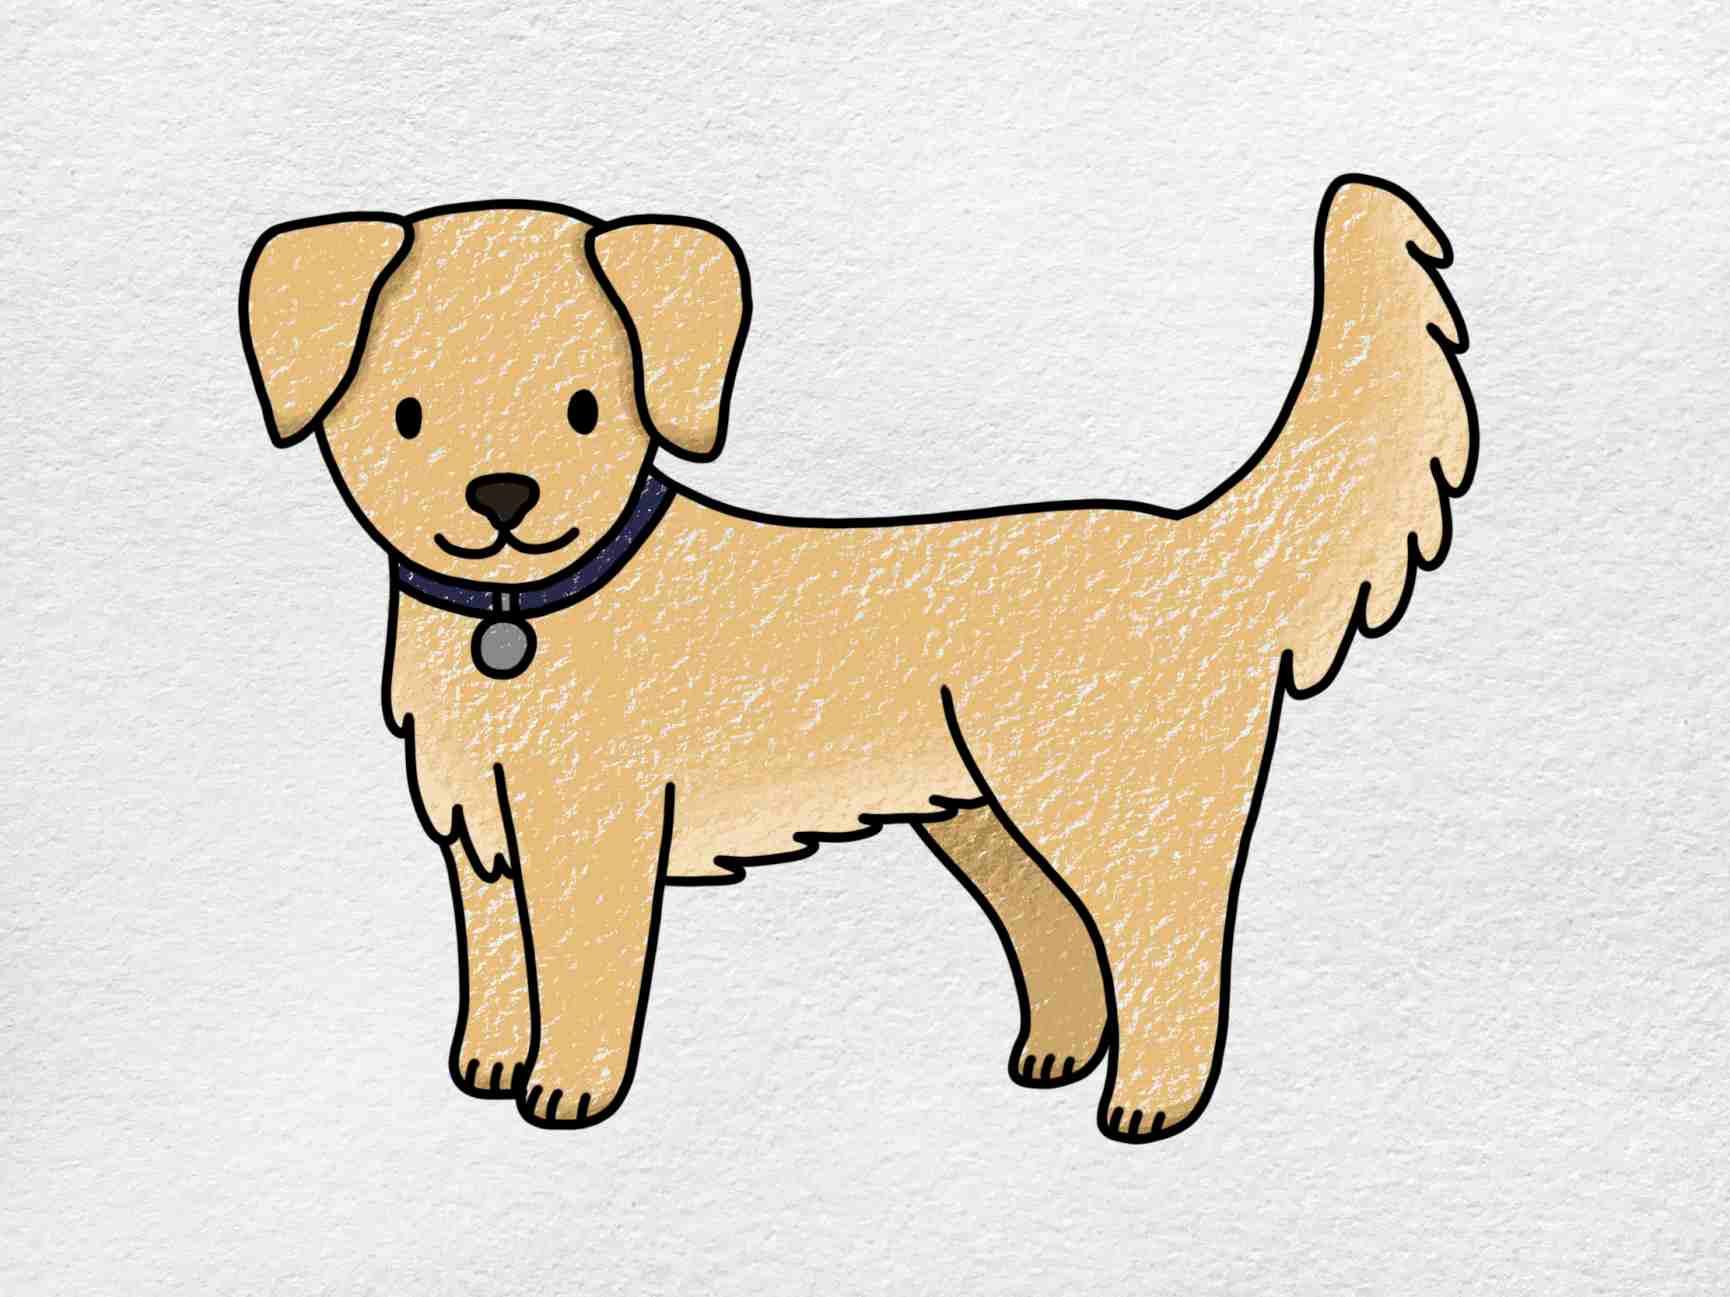 How To Draw A Golden Retriever: Step 9